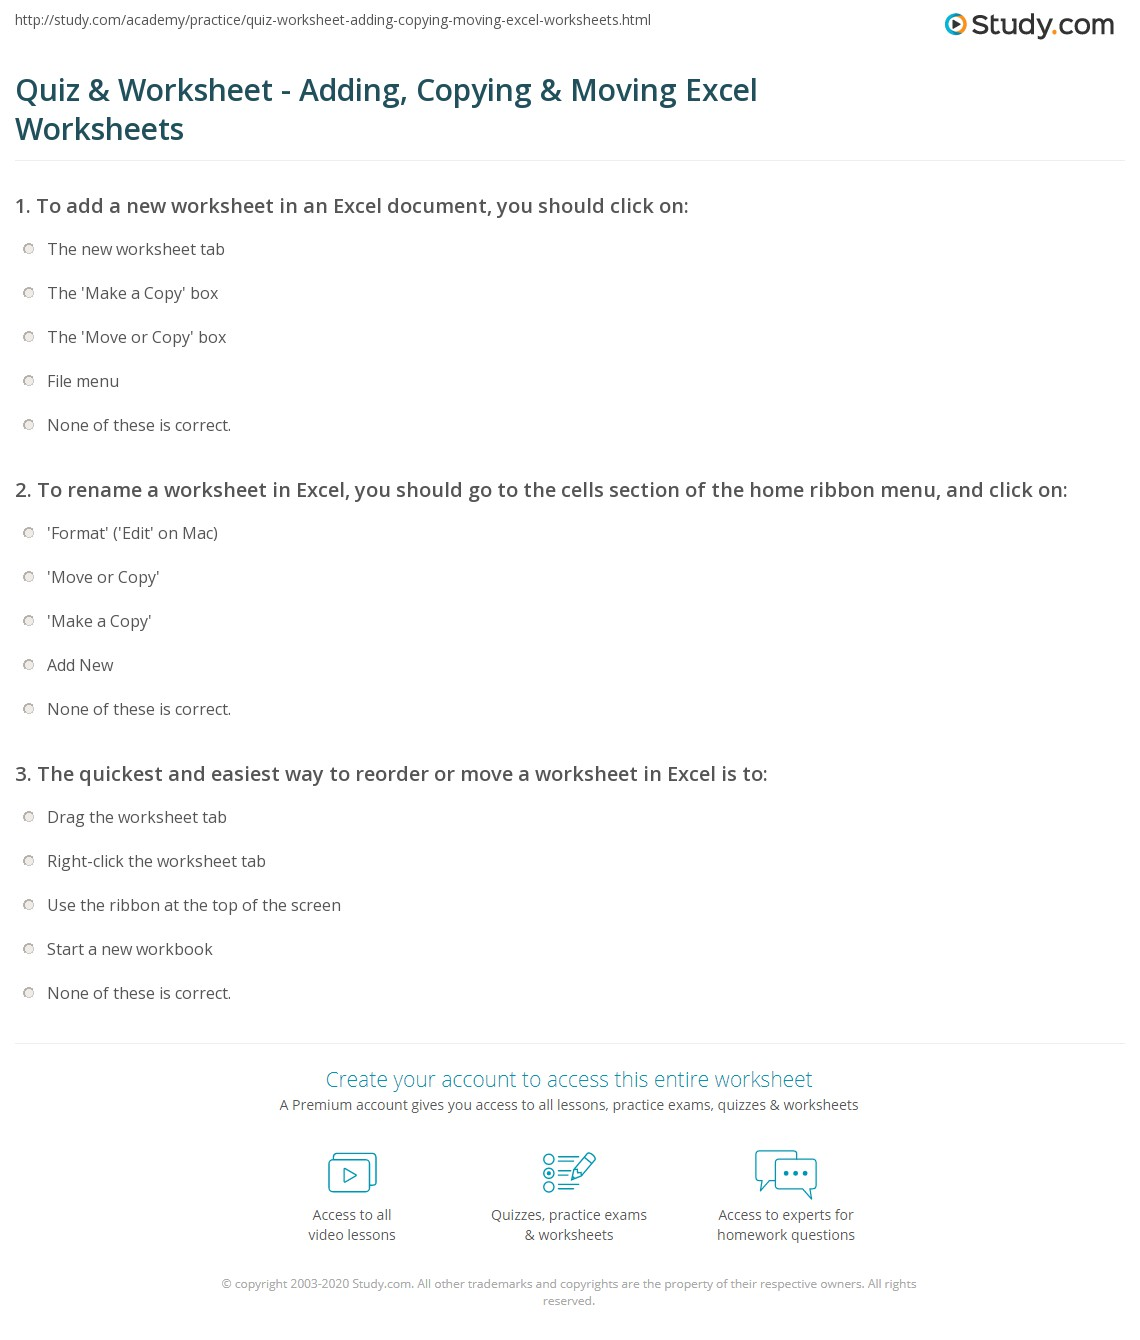 Quiz & Worksheet - Adding, Copying & Moving Excel Worksheets ...